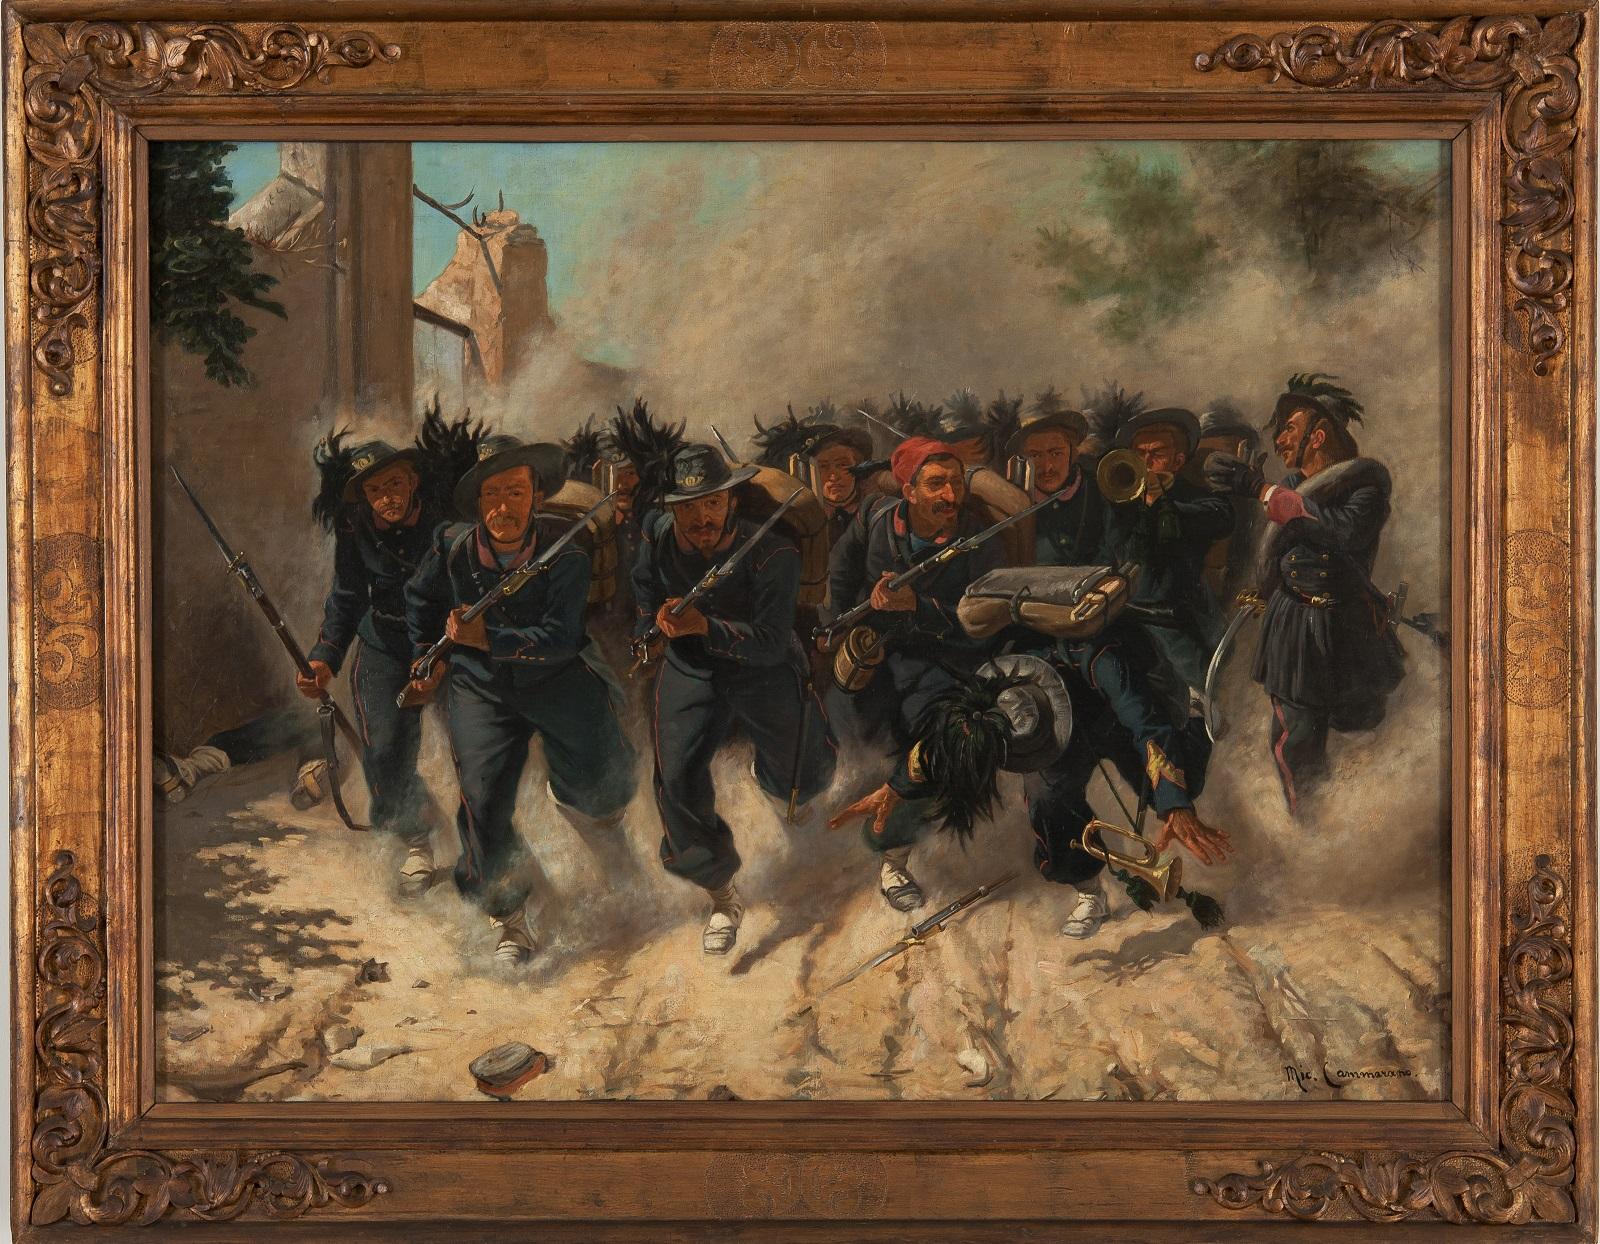 """Fu trafugata dai nazisti nel 1943, <br />la """"Carica dei bersaglieri"""" <br />torna alla Garibaldi"""